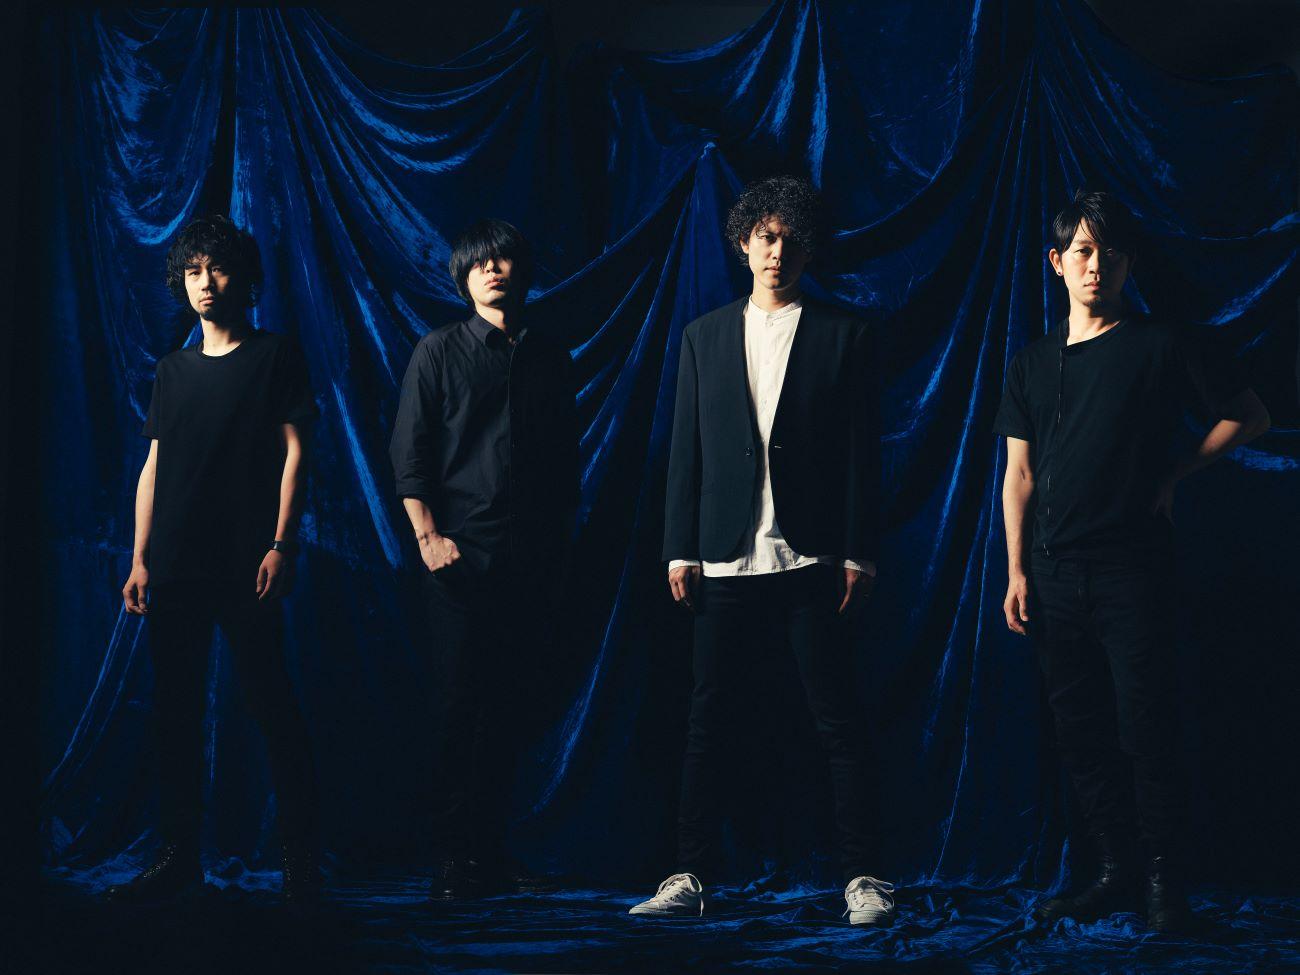 9mm Parabellum Bullet│8th ALBUM 「DEEP BLUE」Release Tour